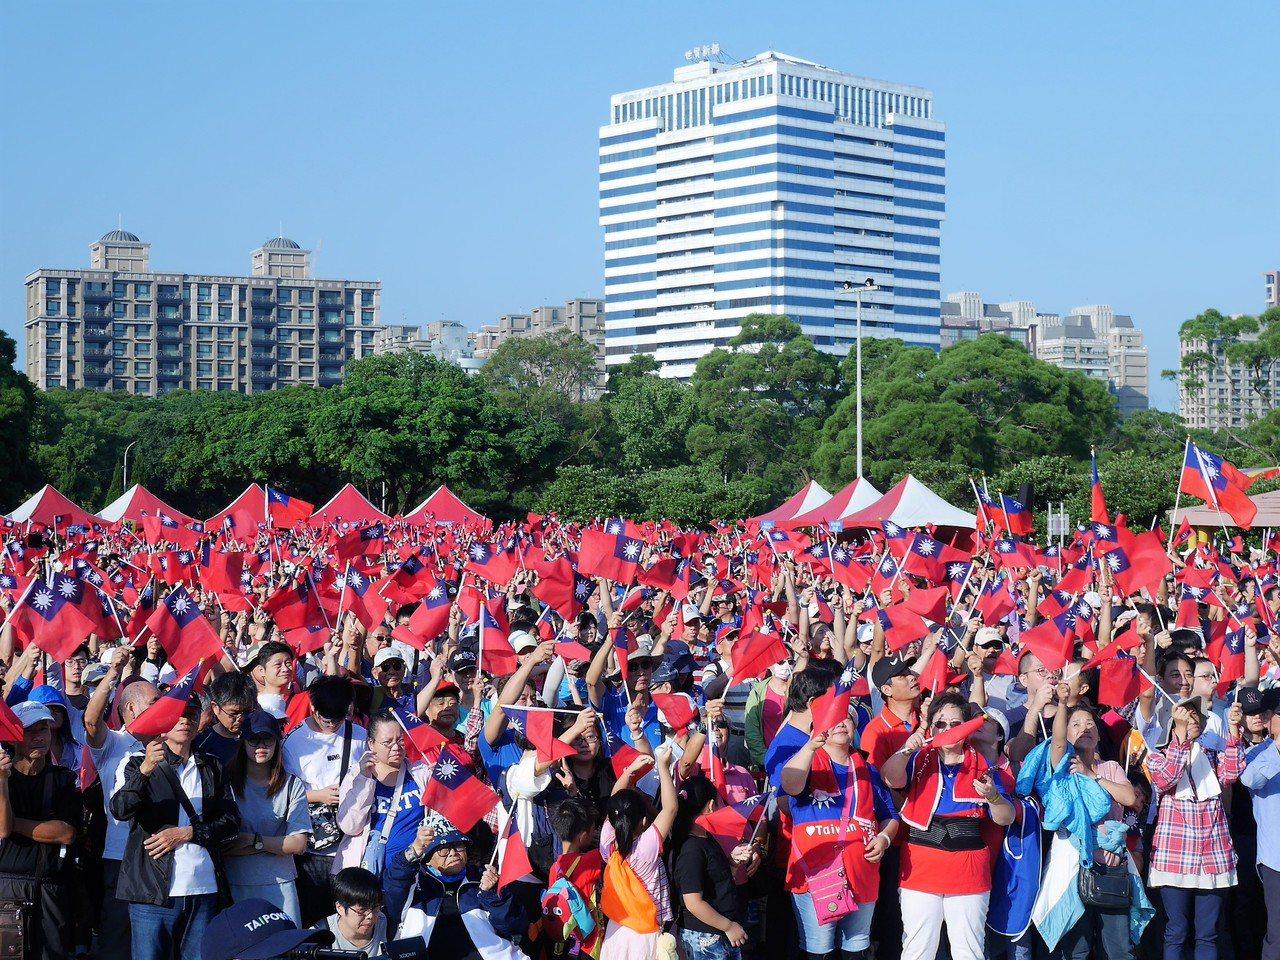 新北林口區公所自辦升旗典禮。圖/林口區公所提供